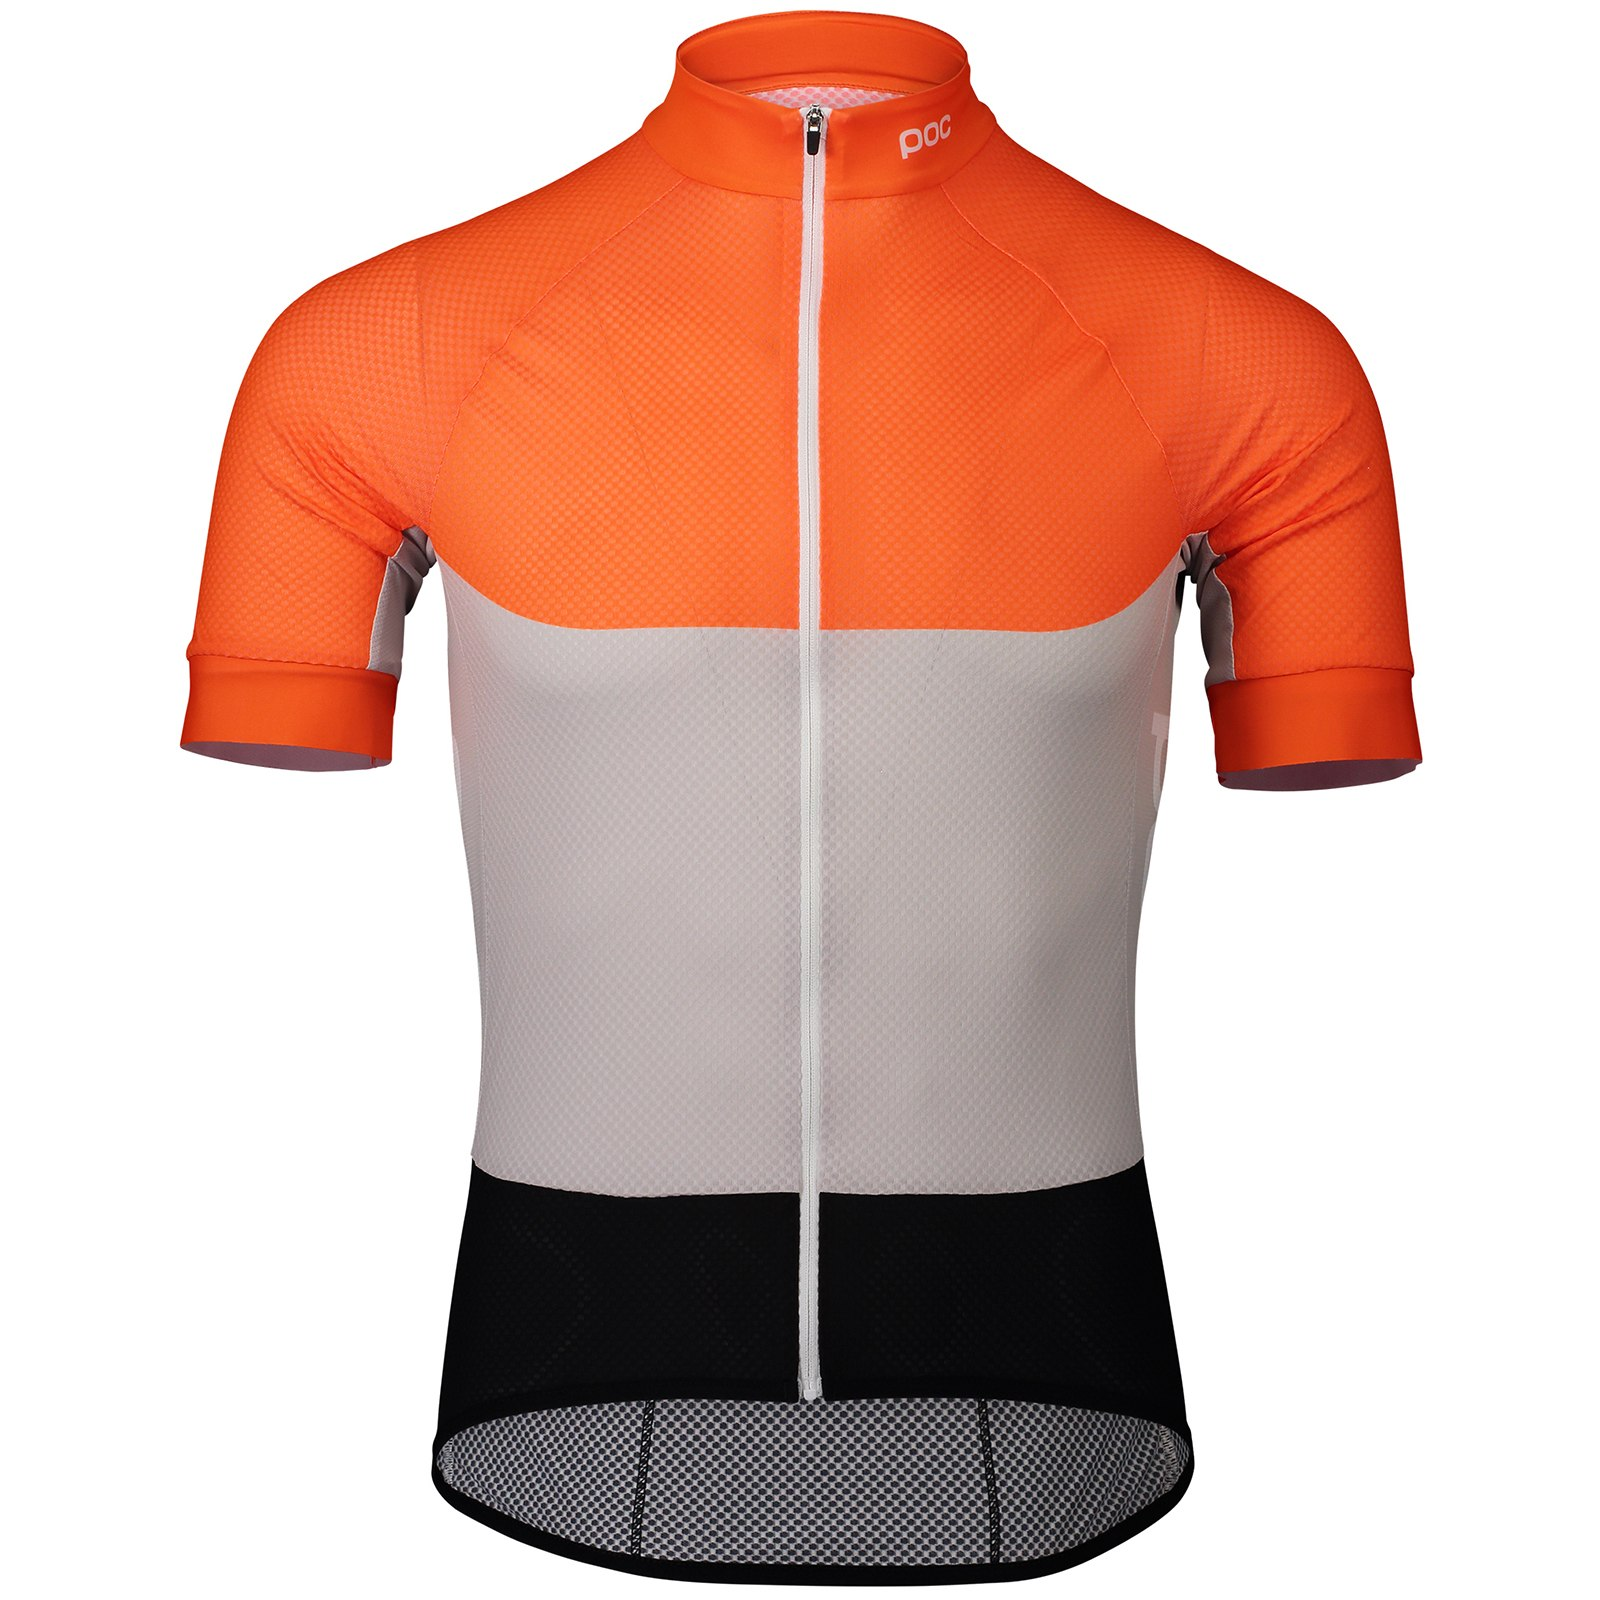 Produktbild von POC Essential Road Light Jersey Kurzarmtrikot - 8287 Granite Grey/Zink Orange